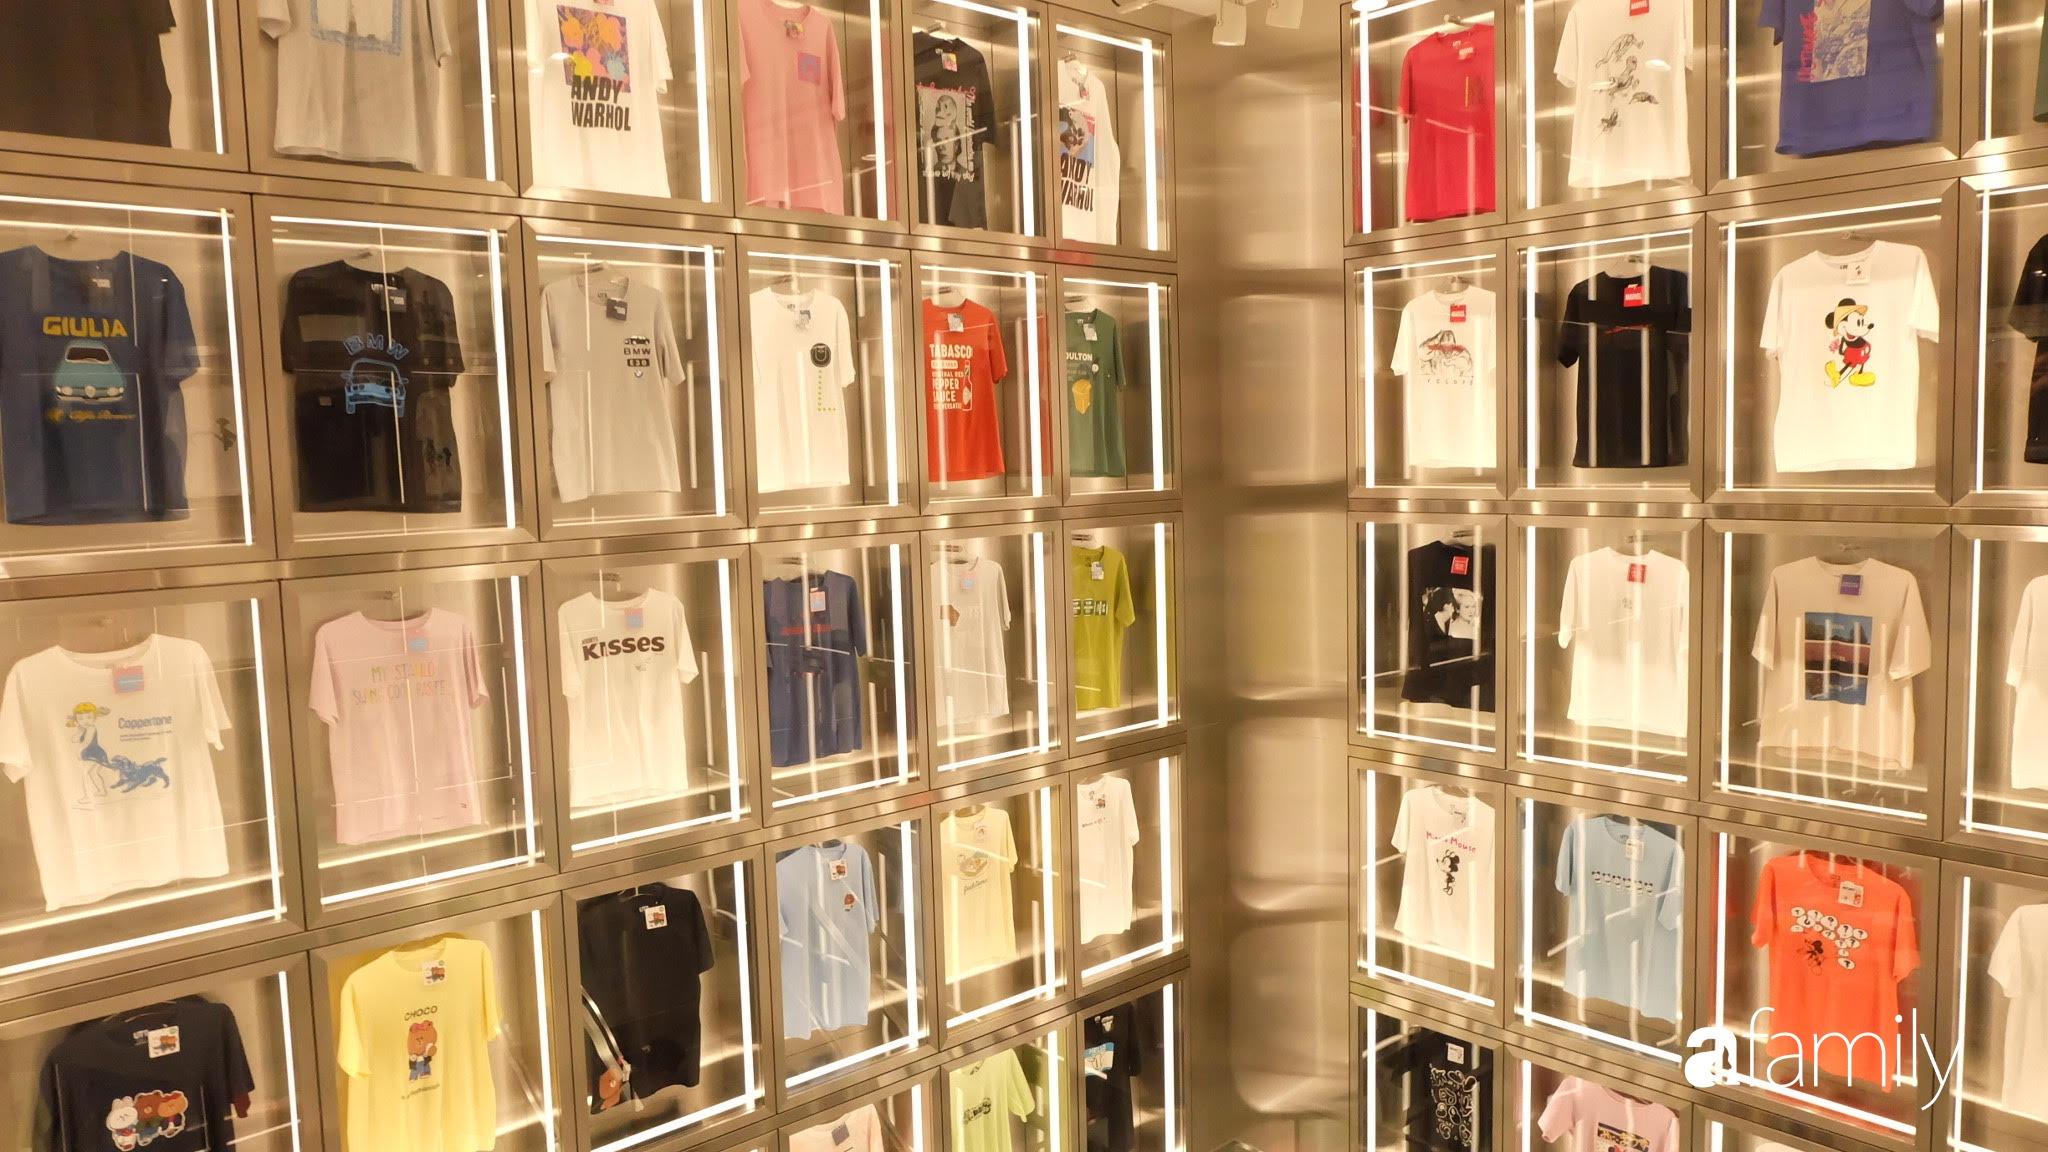 Đột nhập store UNIQLO trước khai trương: Sờ tận tay BST kết hợp cùng cựu Giám đốc sáng tạo Hermès, tưởng đắt hoá ra chỉ 249k  - Ảnh 7.